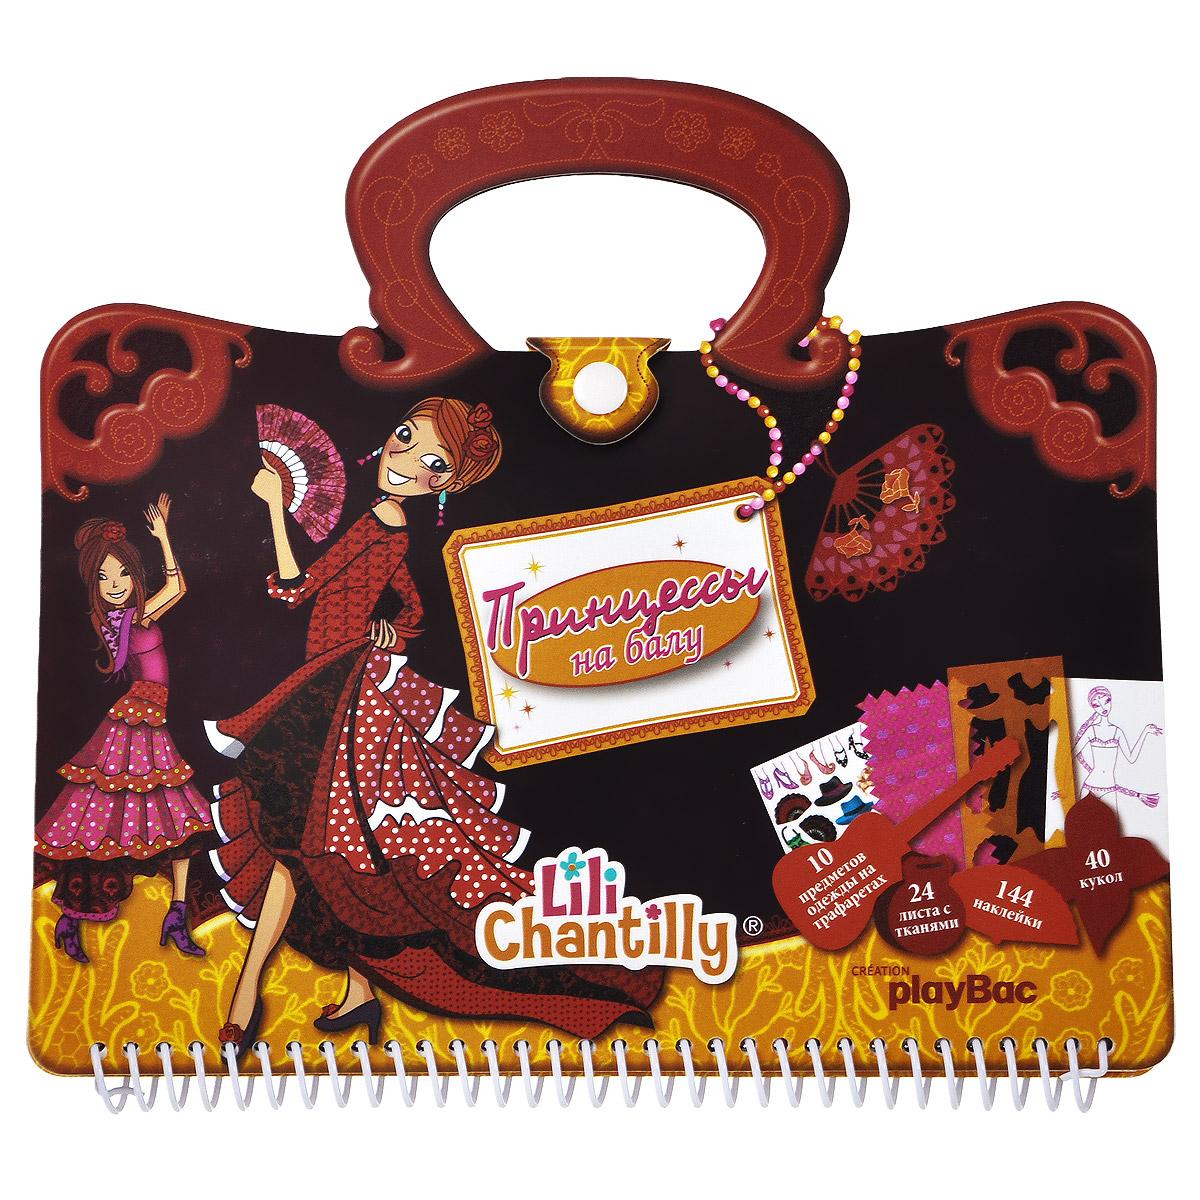 Lili Chantilly. Принцессы на балу12296407Очаровательная книжка-сумочка для маленьких модниц. Одень прекрасную принцессу и отправь ее на бал, где она сможет станцевать испанское фламенко, аргентинское танго, восточные танцы, индийские и африканские танцы! Создай самые красивые костюмы для танцев мира! Выбери свой стиль и твори! В наборе: - 144 наклейки ко всем танцам - 24 листа с тканями для создания твоих коллекций - 10 предметов одежды на трафаретах - 40 кукол для создания танцовщиц - 12 страниц с советами и маленькими хитростями, чтобы нарисовать этап за этапом одежду каждой танцовщицы. Предназначена для детей старшего дошкольного, младшего и среднего школьного возраста.